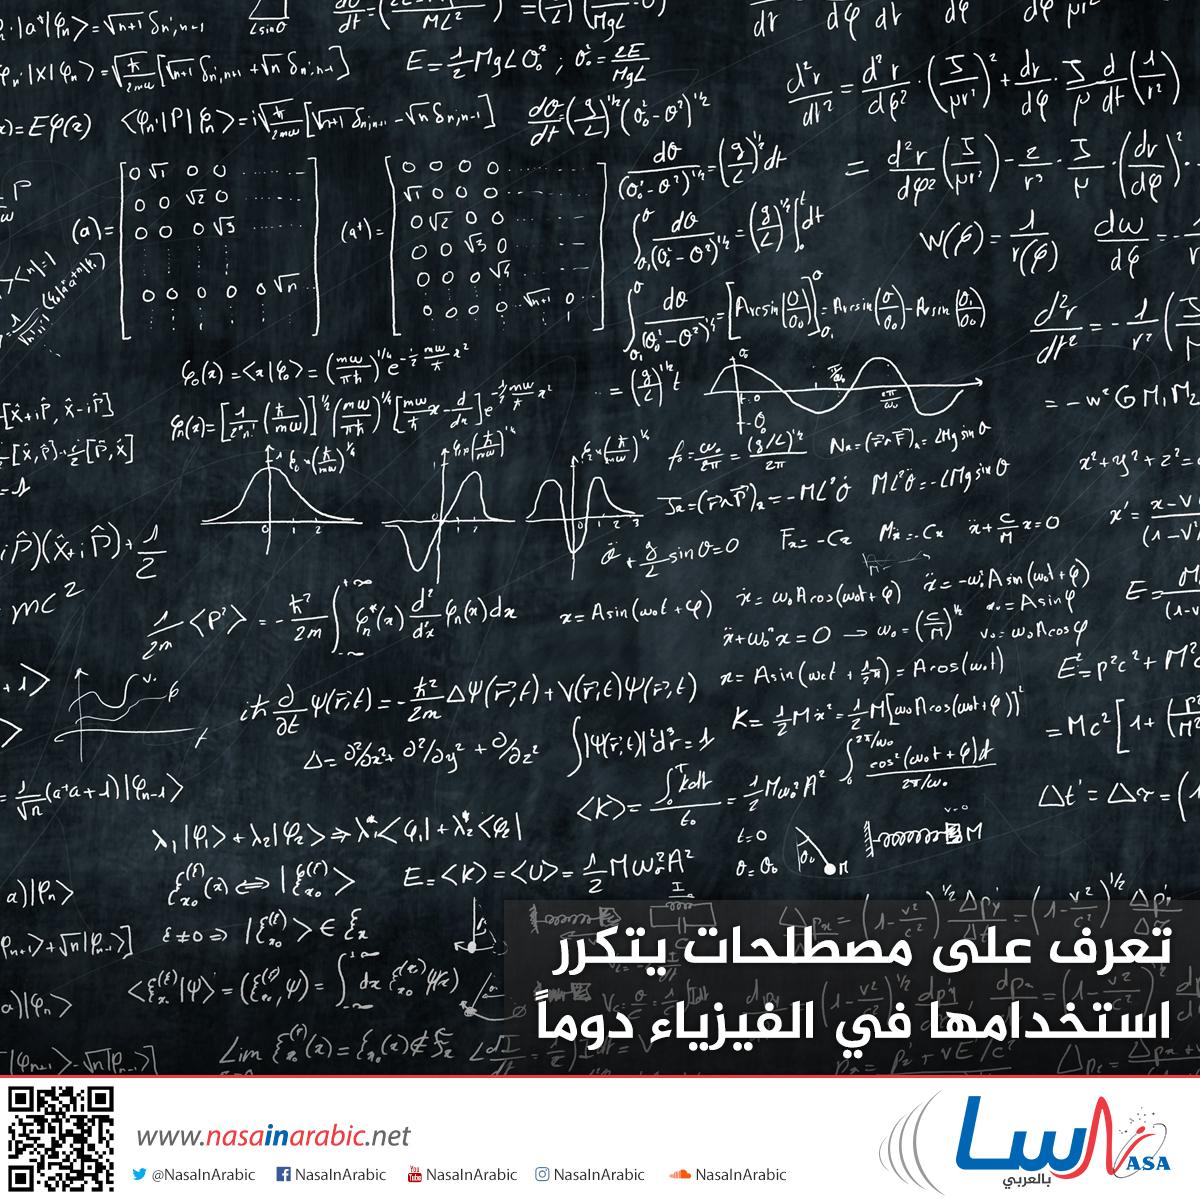 تعرف على مصطلحات يتكرر استخدامها في الفيزياء دوماً